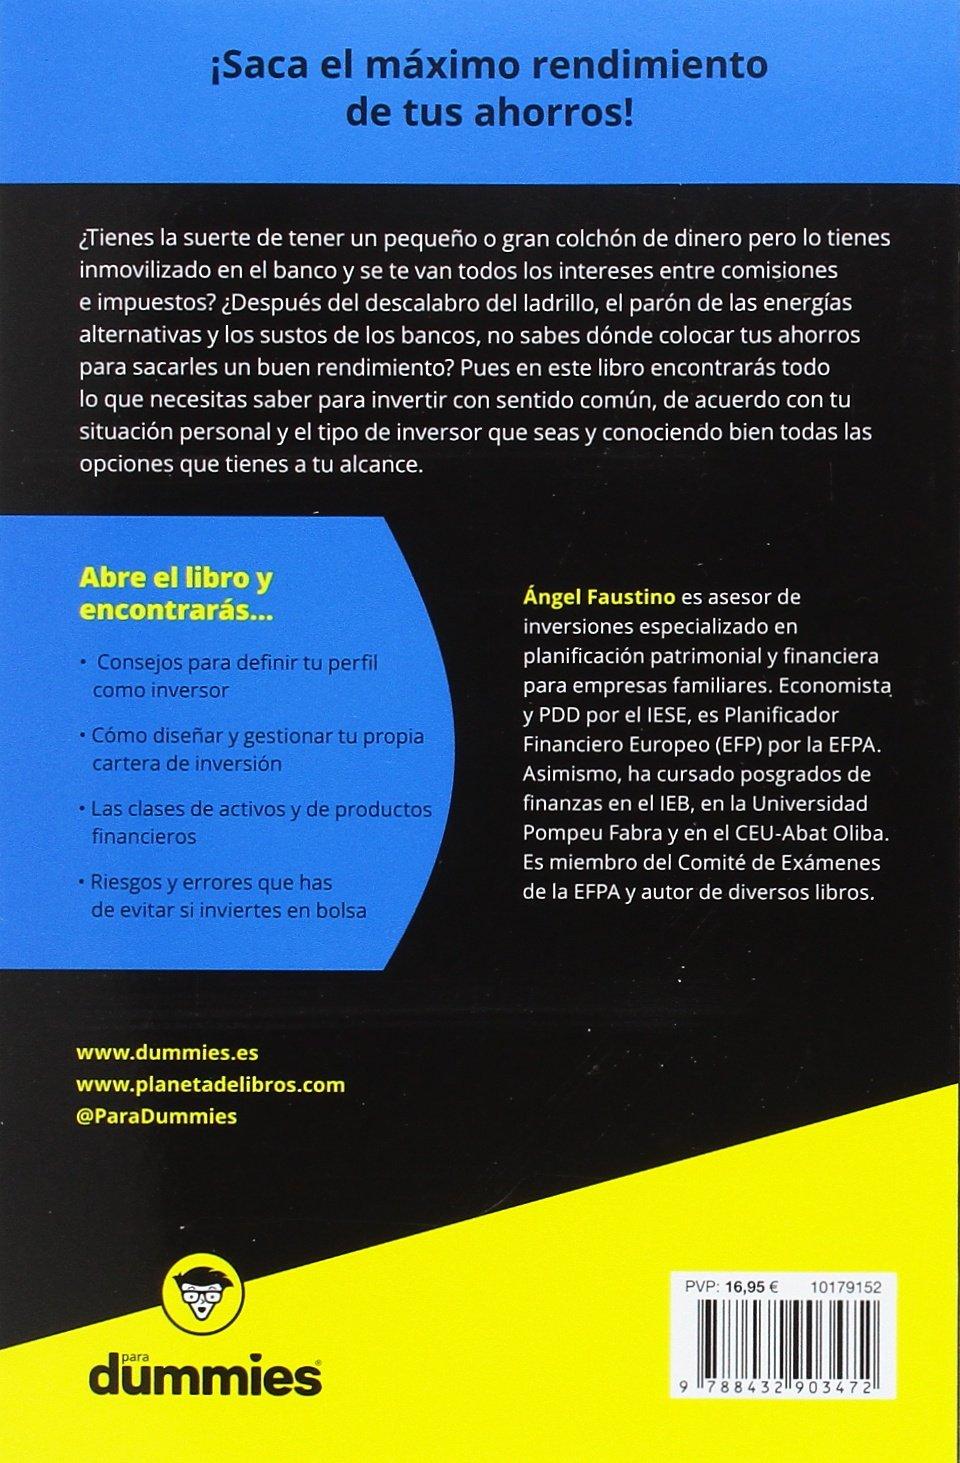 Invertir tus ahorros y multiplicar tu dinero para Dummies: Ángel Faustino García: 9788432903472: Amazon.com: Books